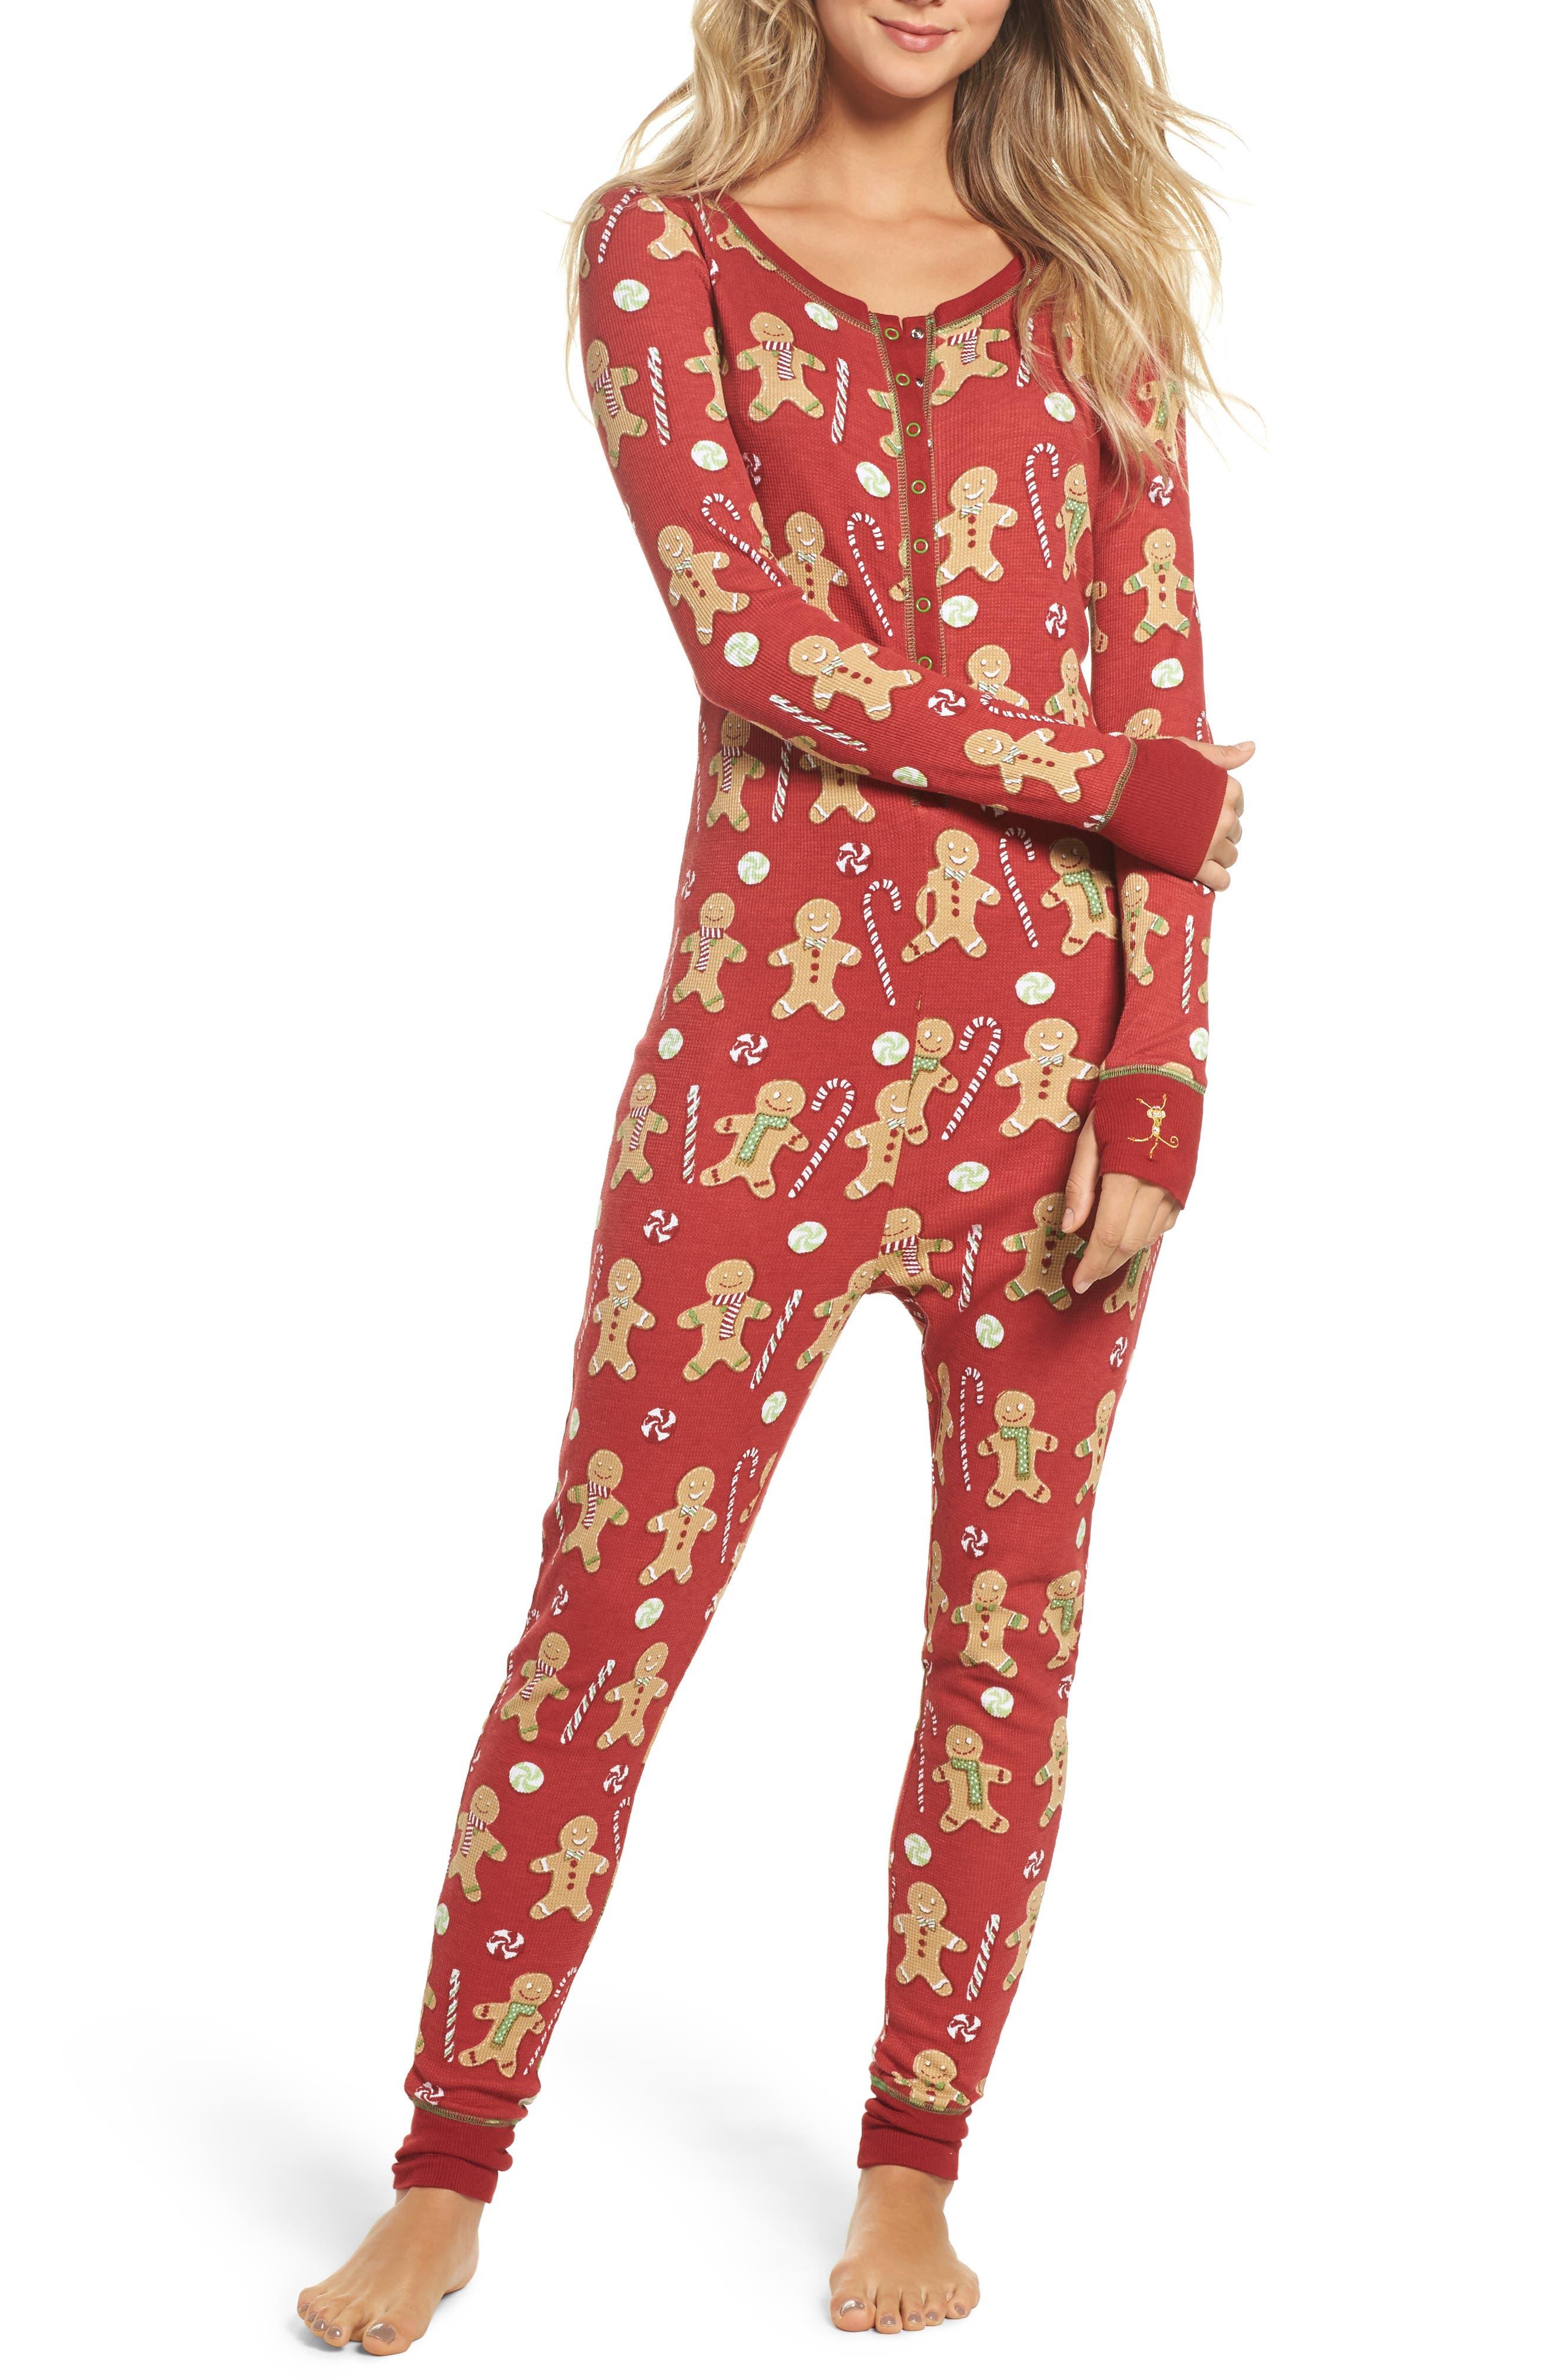 Munki Munki Thermal Union Suit